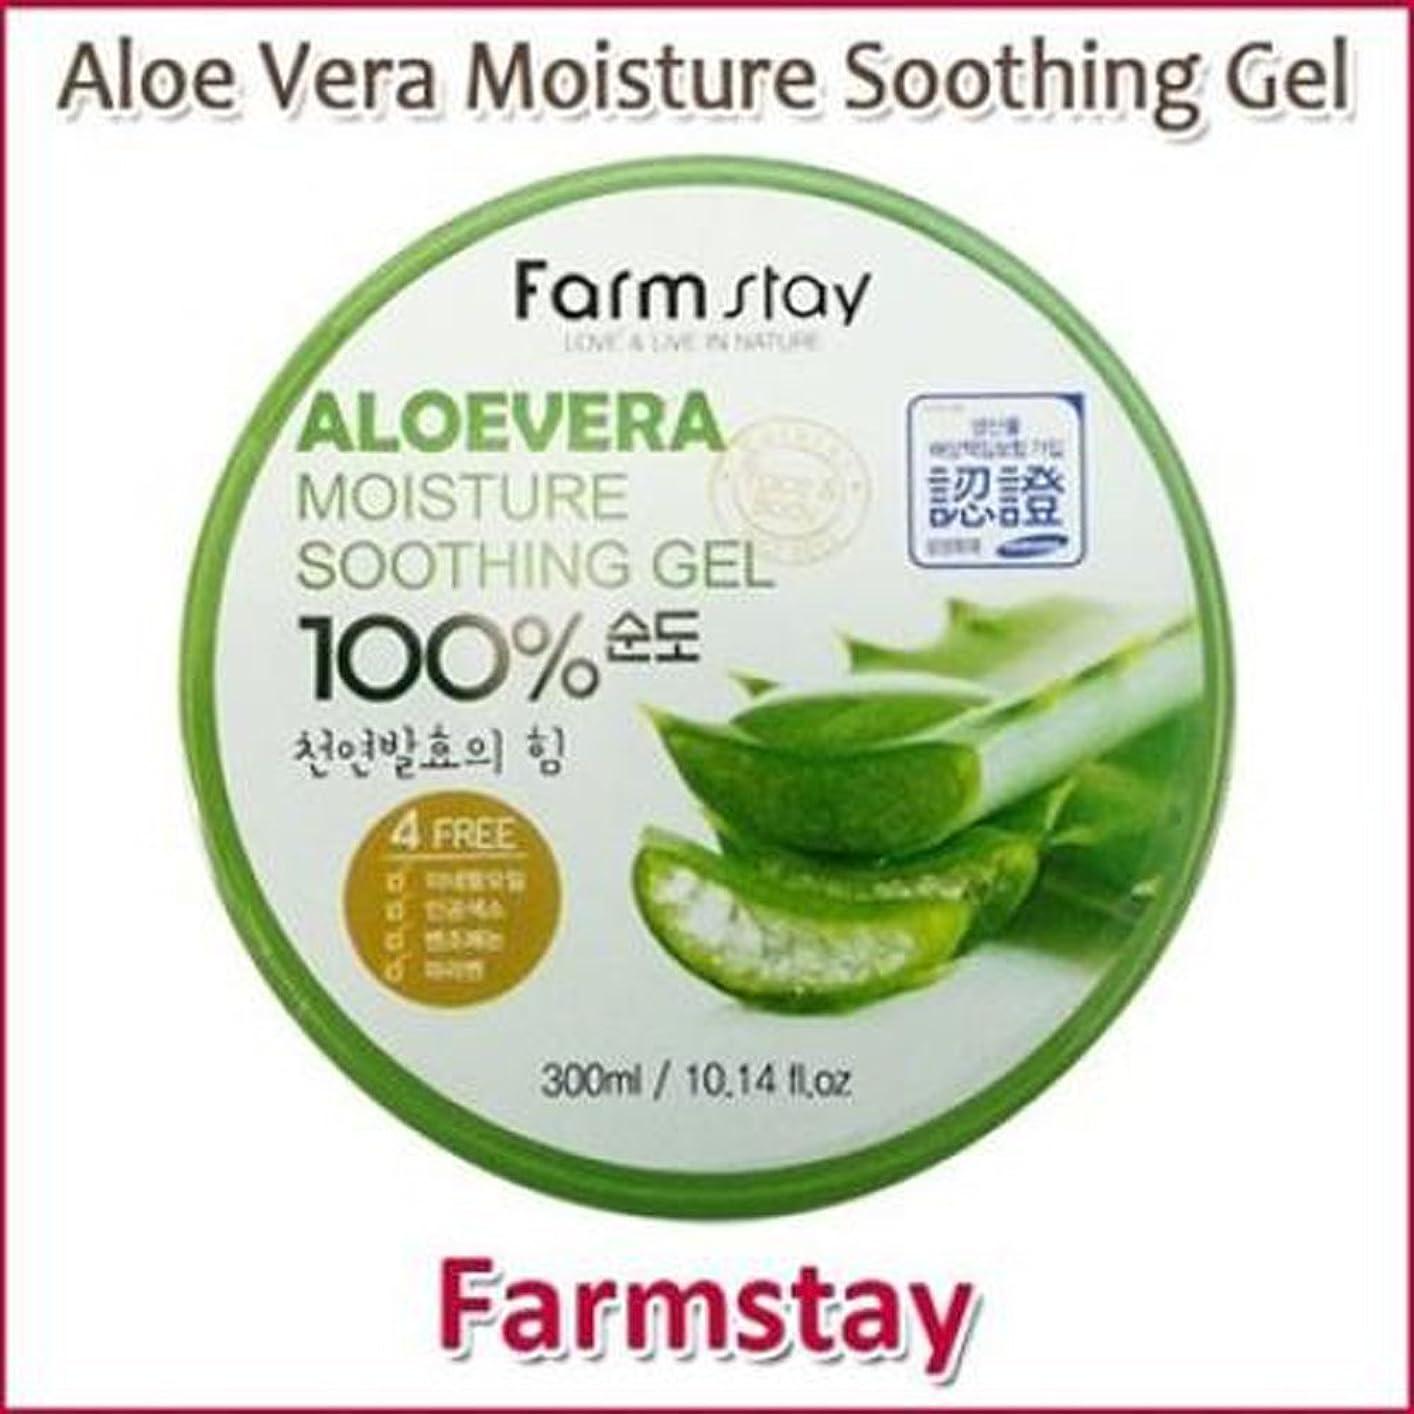 こする元気な名前でFarm Stay Aloe Vera Moisture Soothing Gel 300ml /オーガニック アロエベラゲル 100%/保湿ケア/韓国コスメ/Aloe Vera 100% /Moisturizing [並行輸入品]